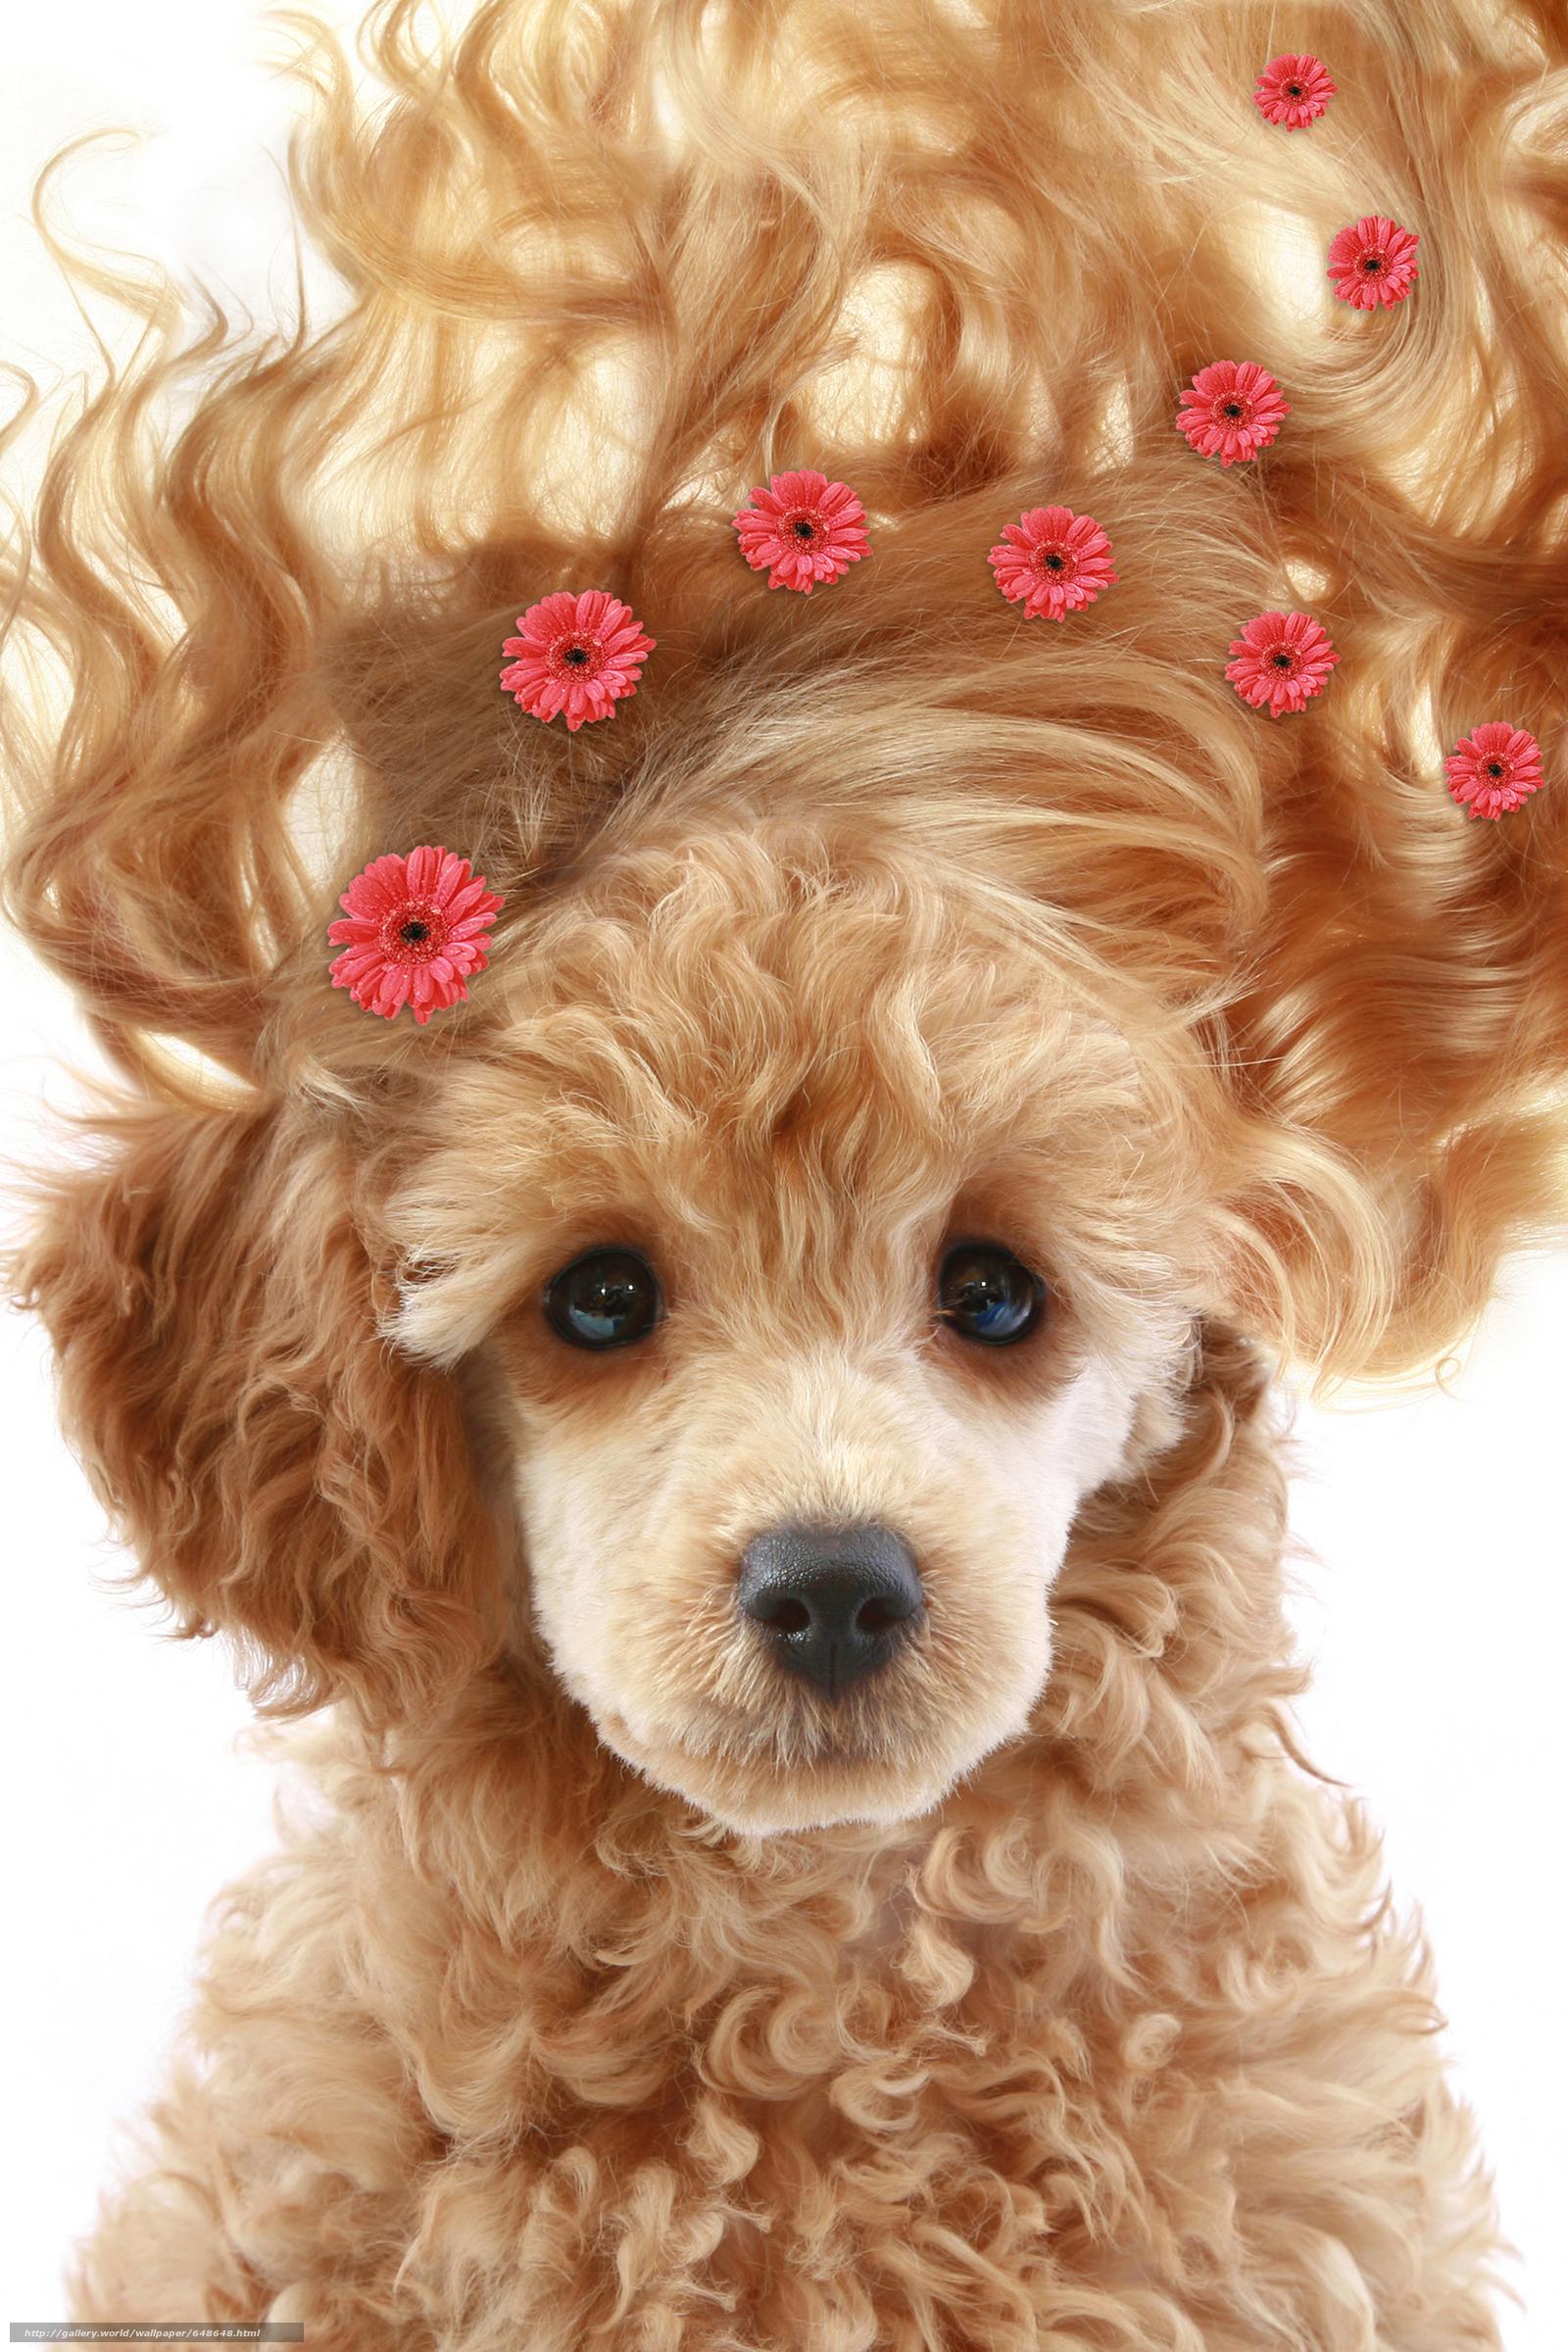 Скачать обои собака,  собаки,  животные,  щенок бесплатно для рабочего стола в разрешении 4672x7008 — картинка №648648